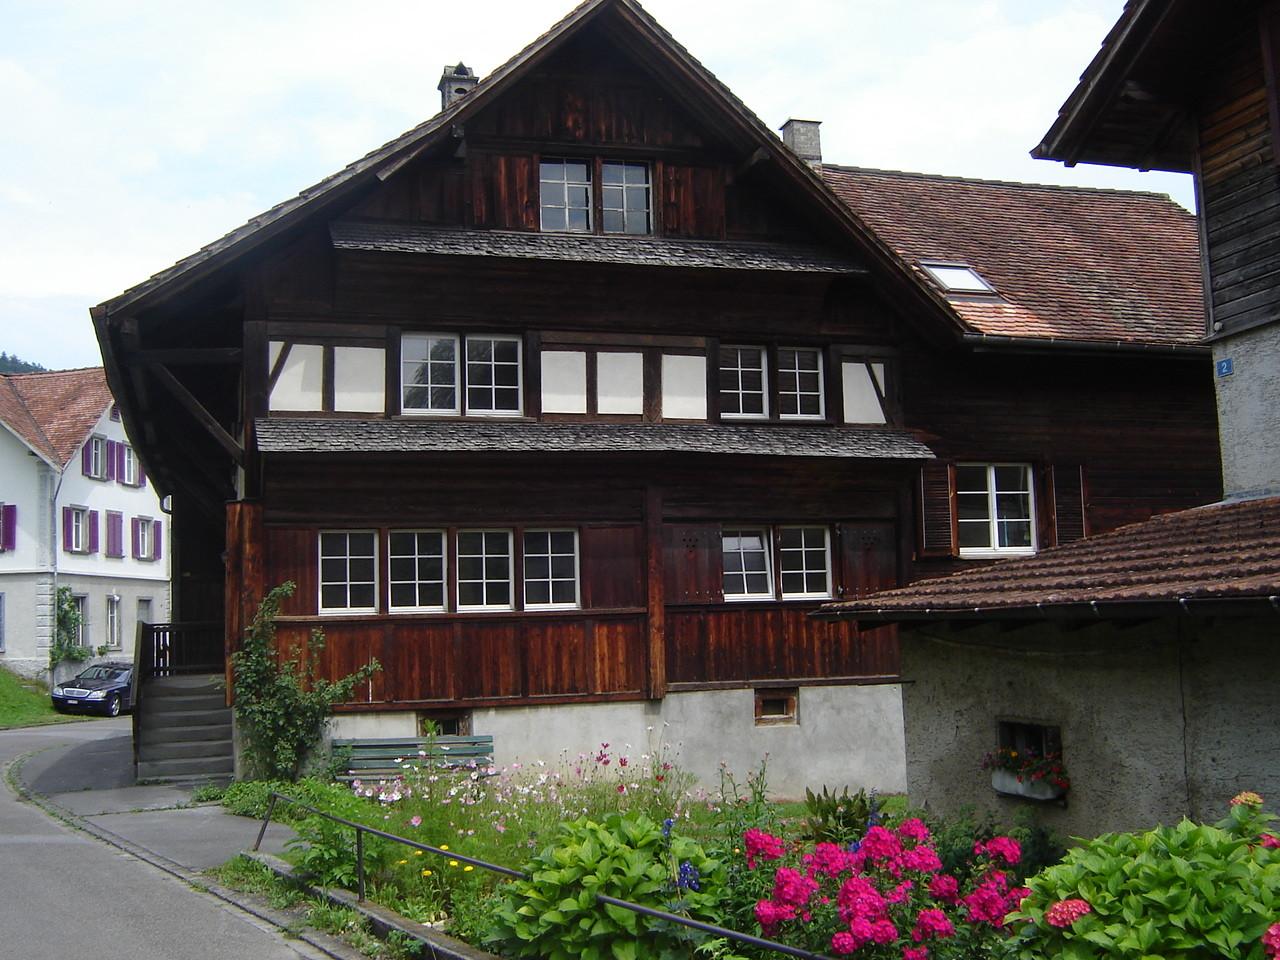 Balgacher pflegen ihre Häuser.